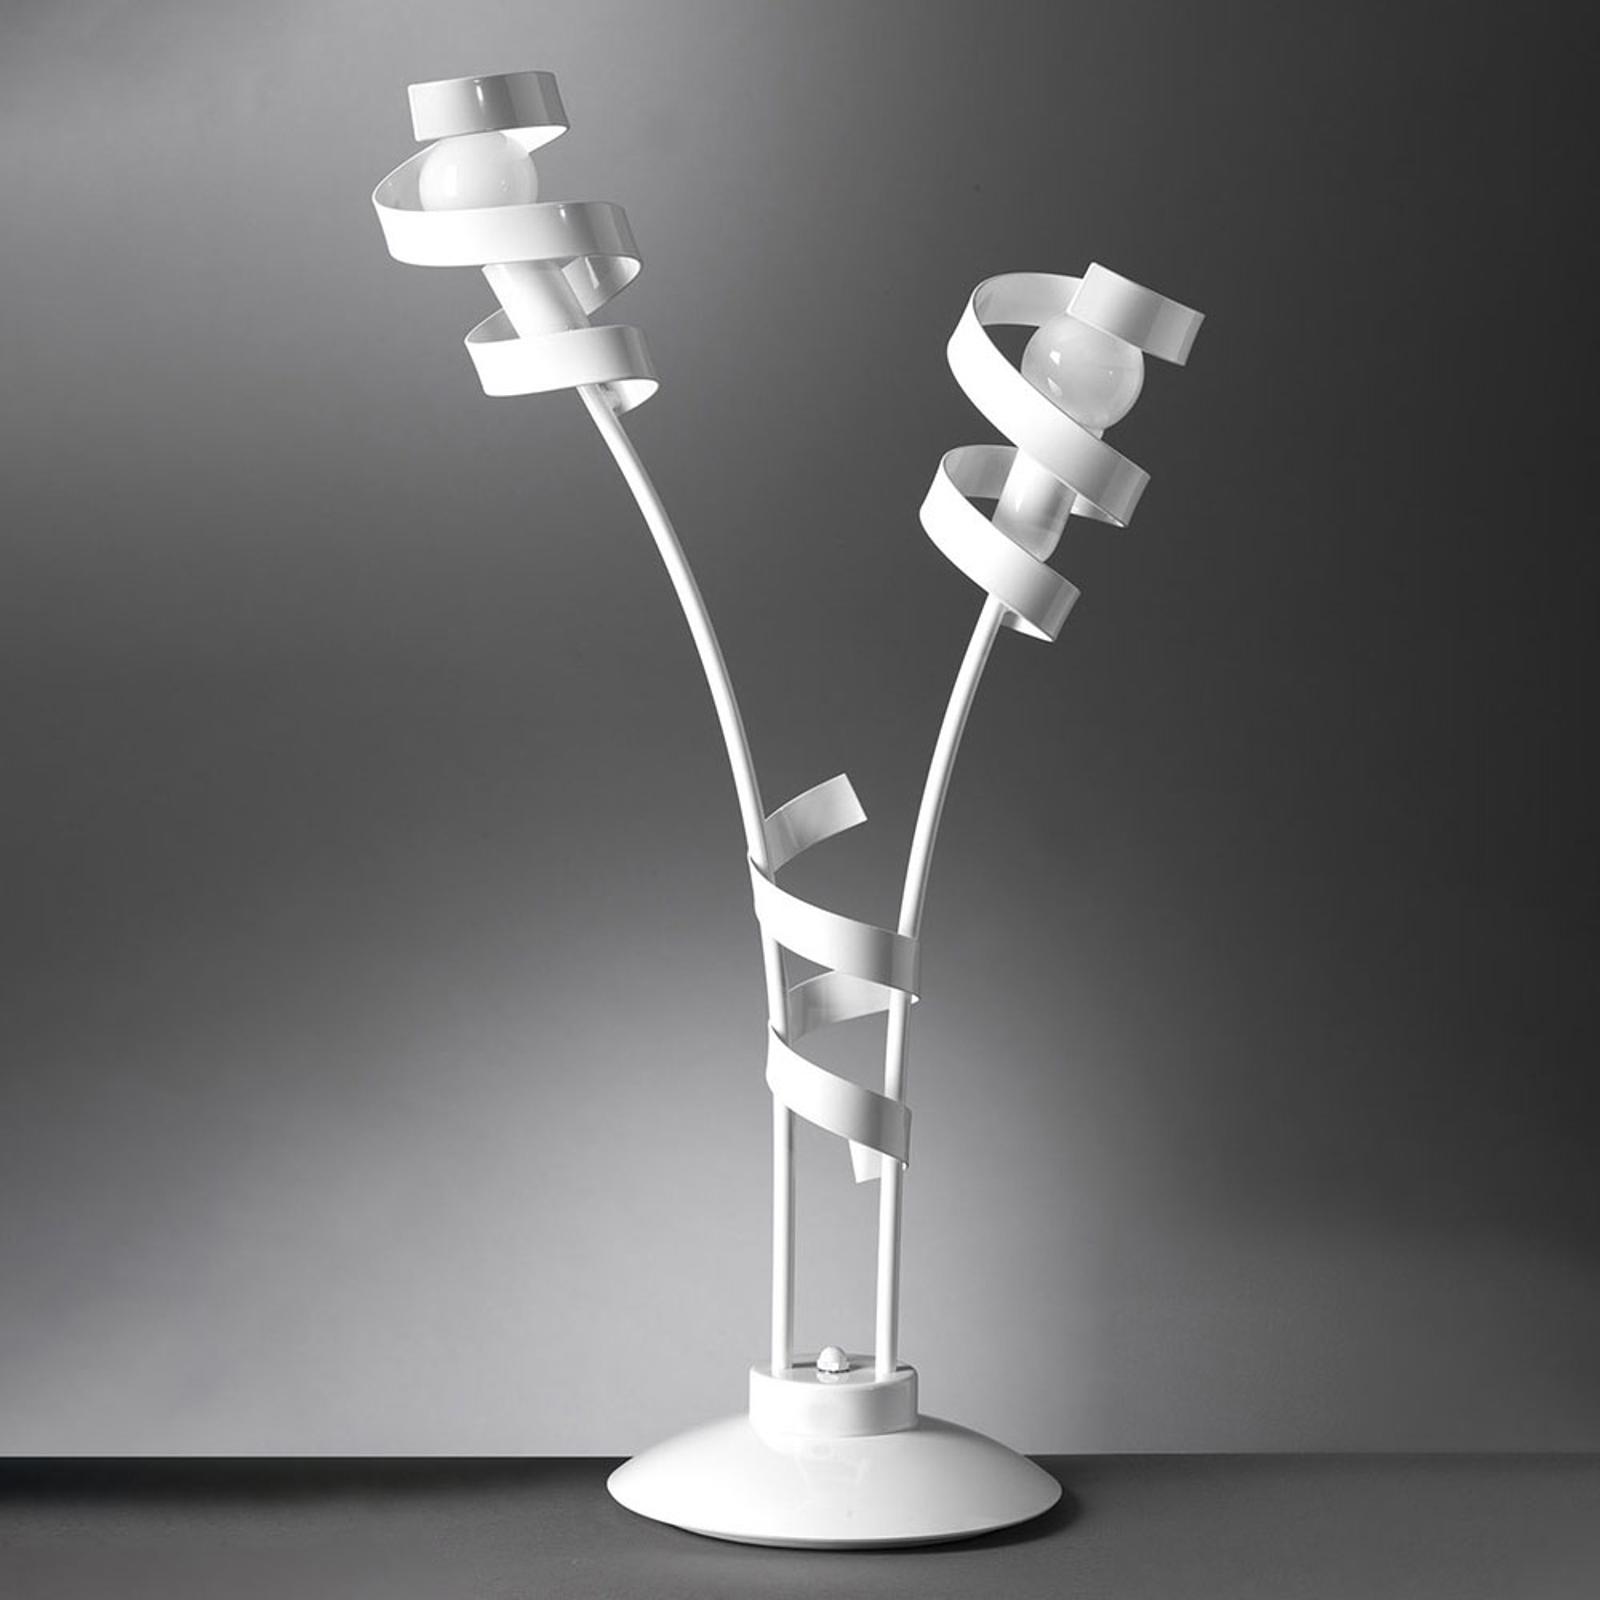 Tafellamp Zoe van metaal, 2-lamps, wit